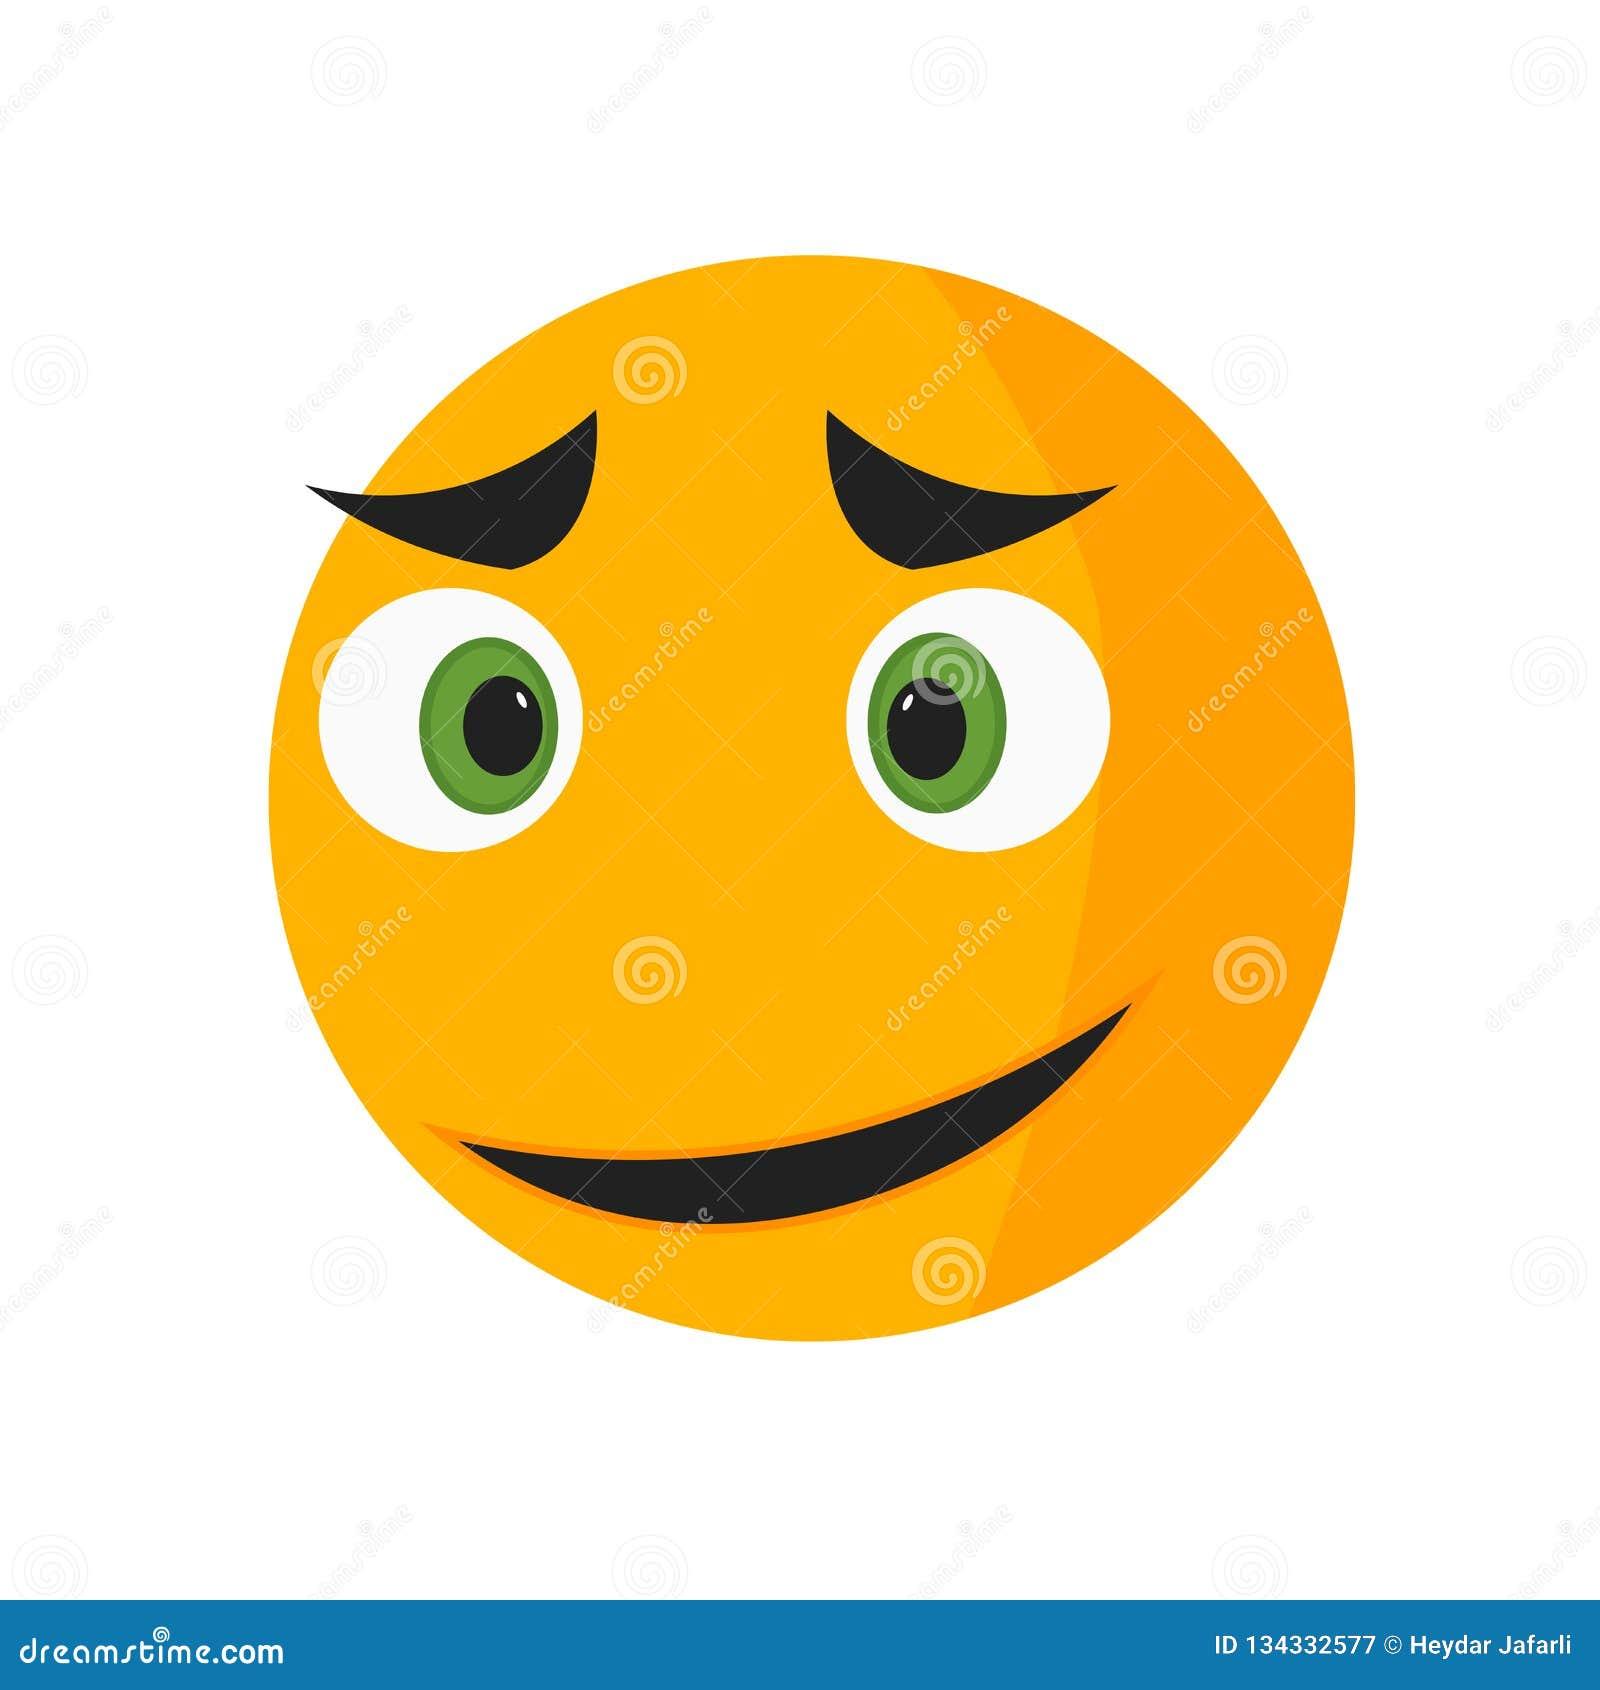 Τραγουδώντας εικονίδιο χαμόγελου διανυσματικά σημάδι και σύμβολο που απομονώνονται στο άσπρο υπόβαθρο, έννοια λογότυπων χαμόγελου